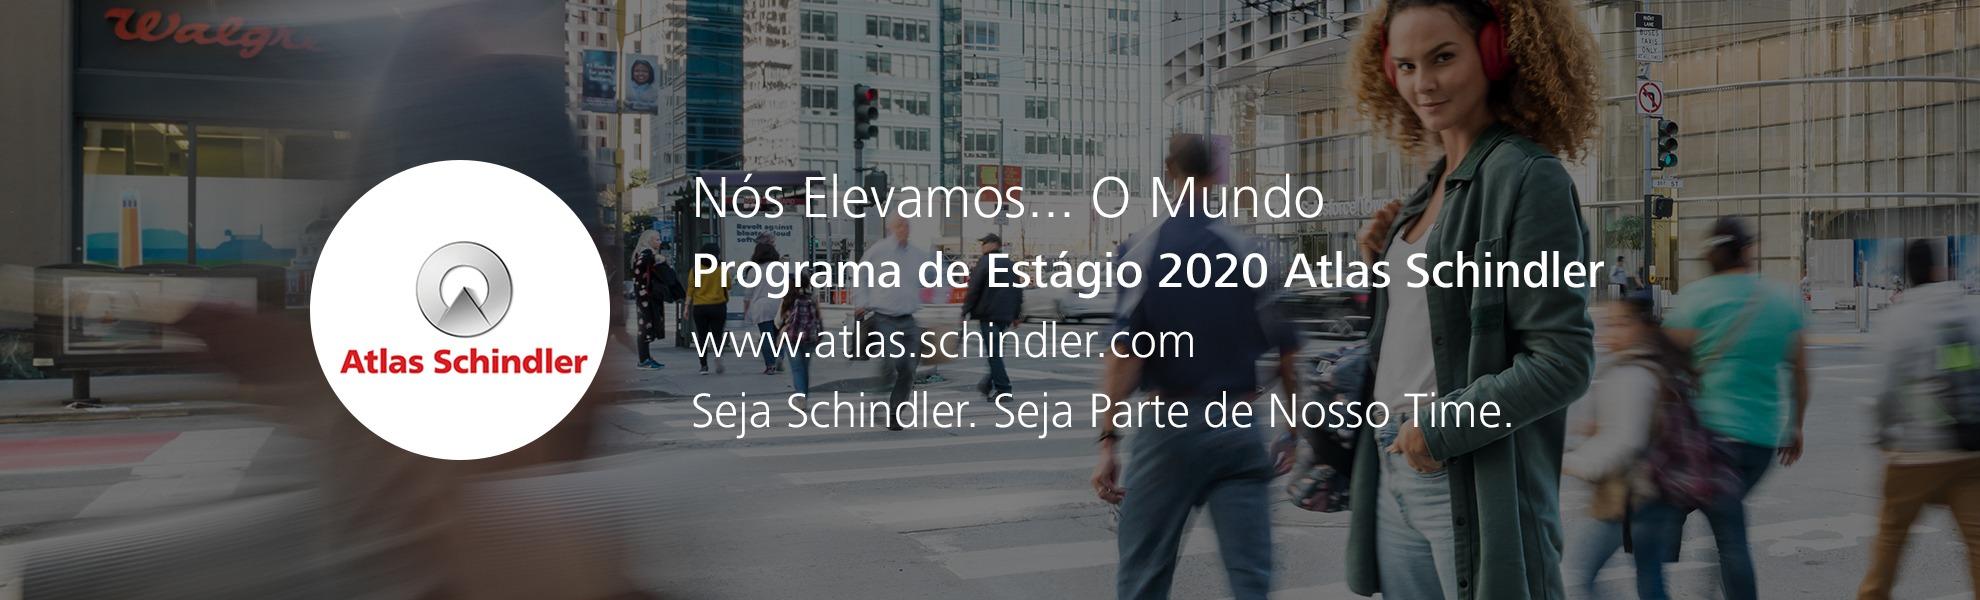 Programa de Estágio 2020 Atlas Schindler